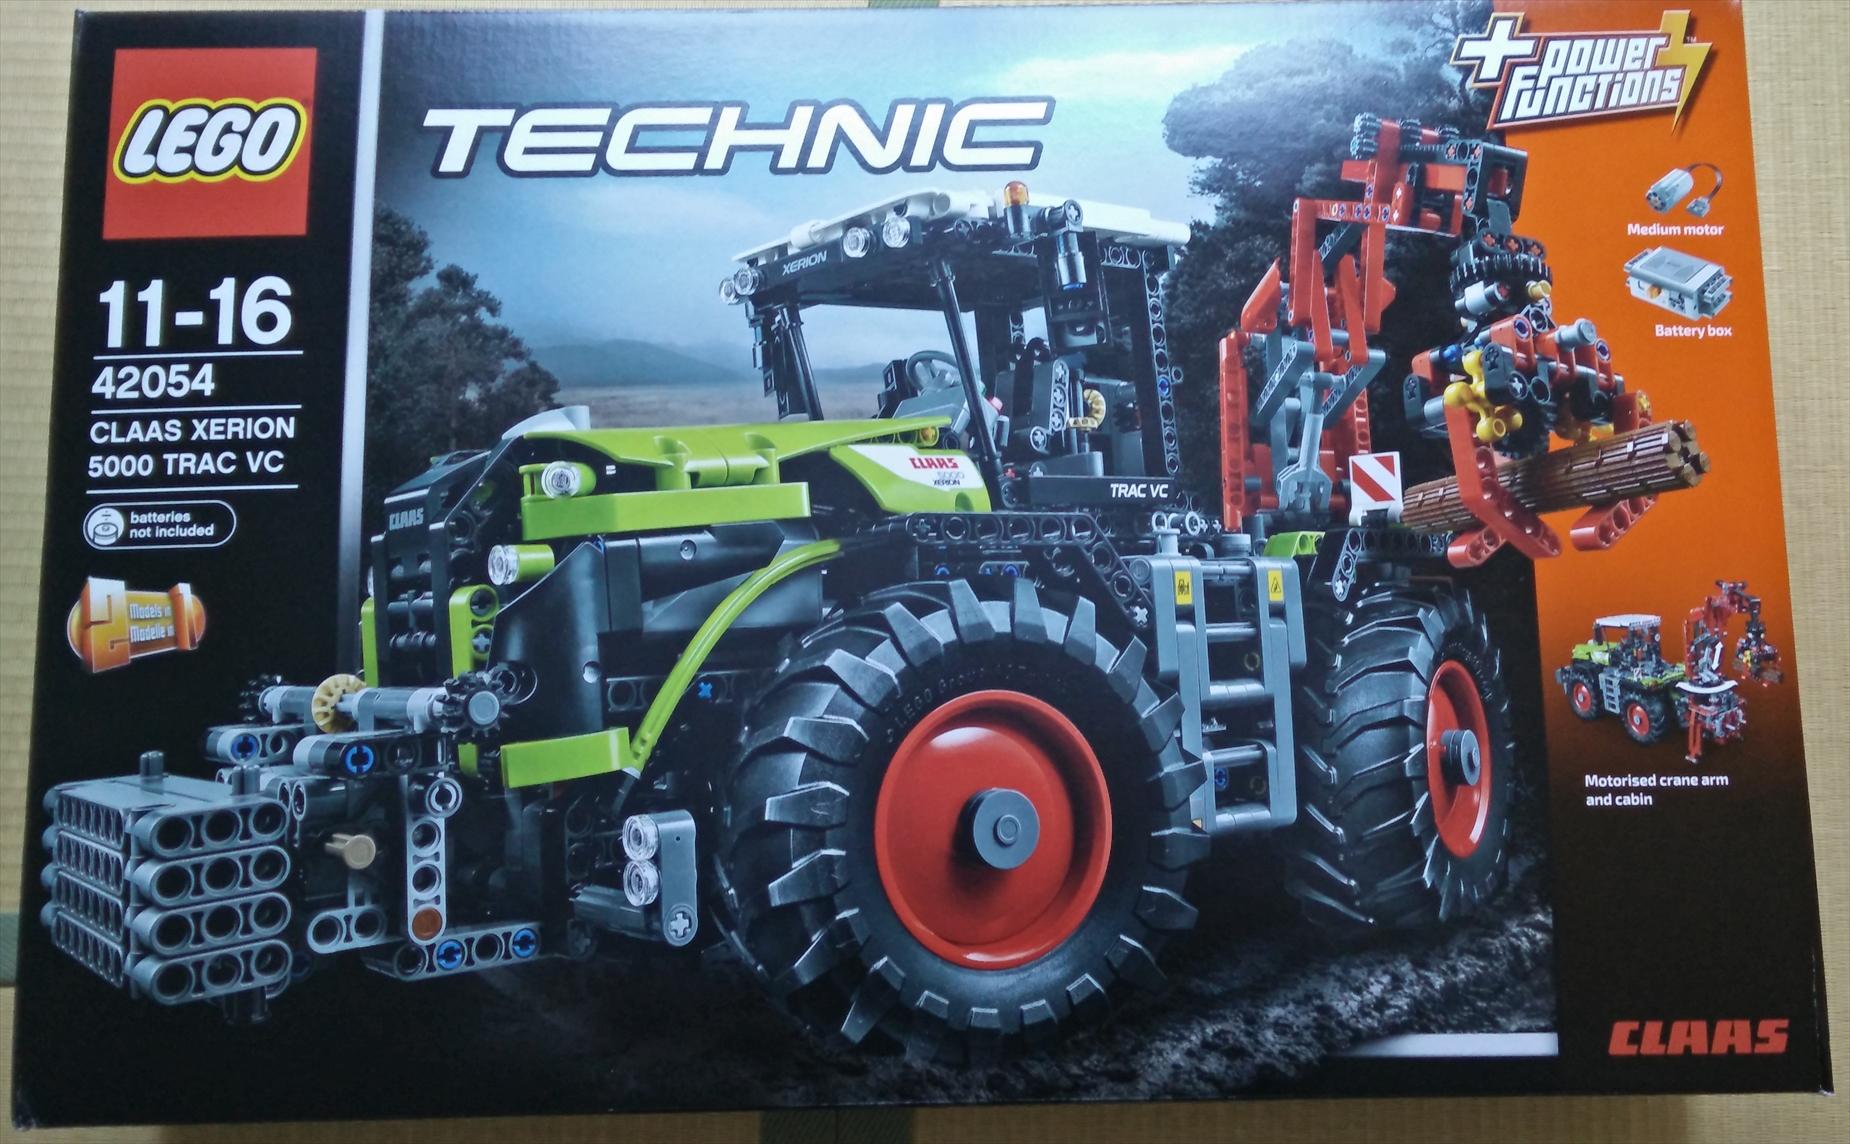 レゴ (LEGO)テクニック 「CLAAS XERION 5000 TRAC VC (42054)」のレビュー